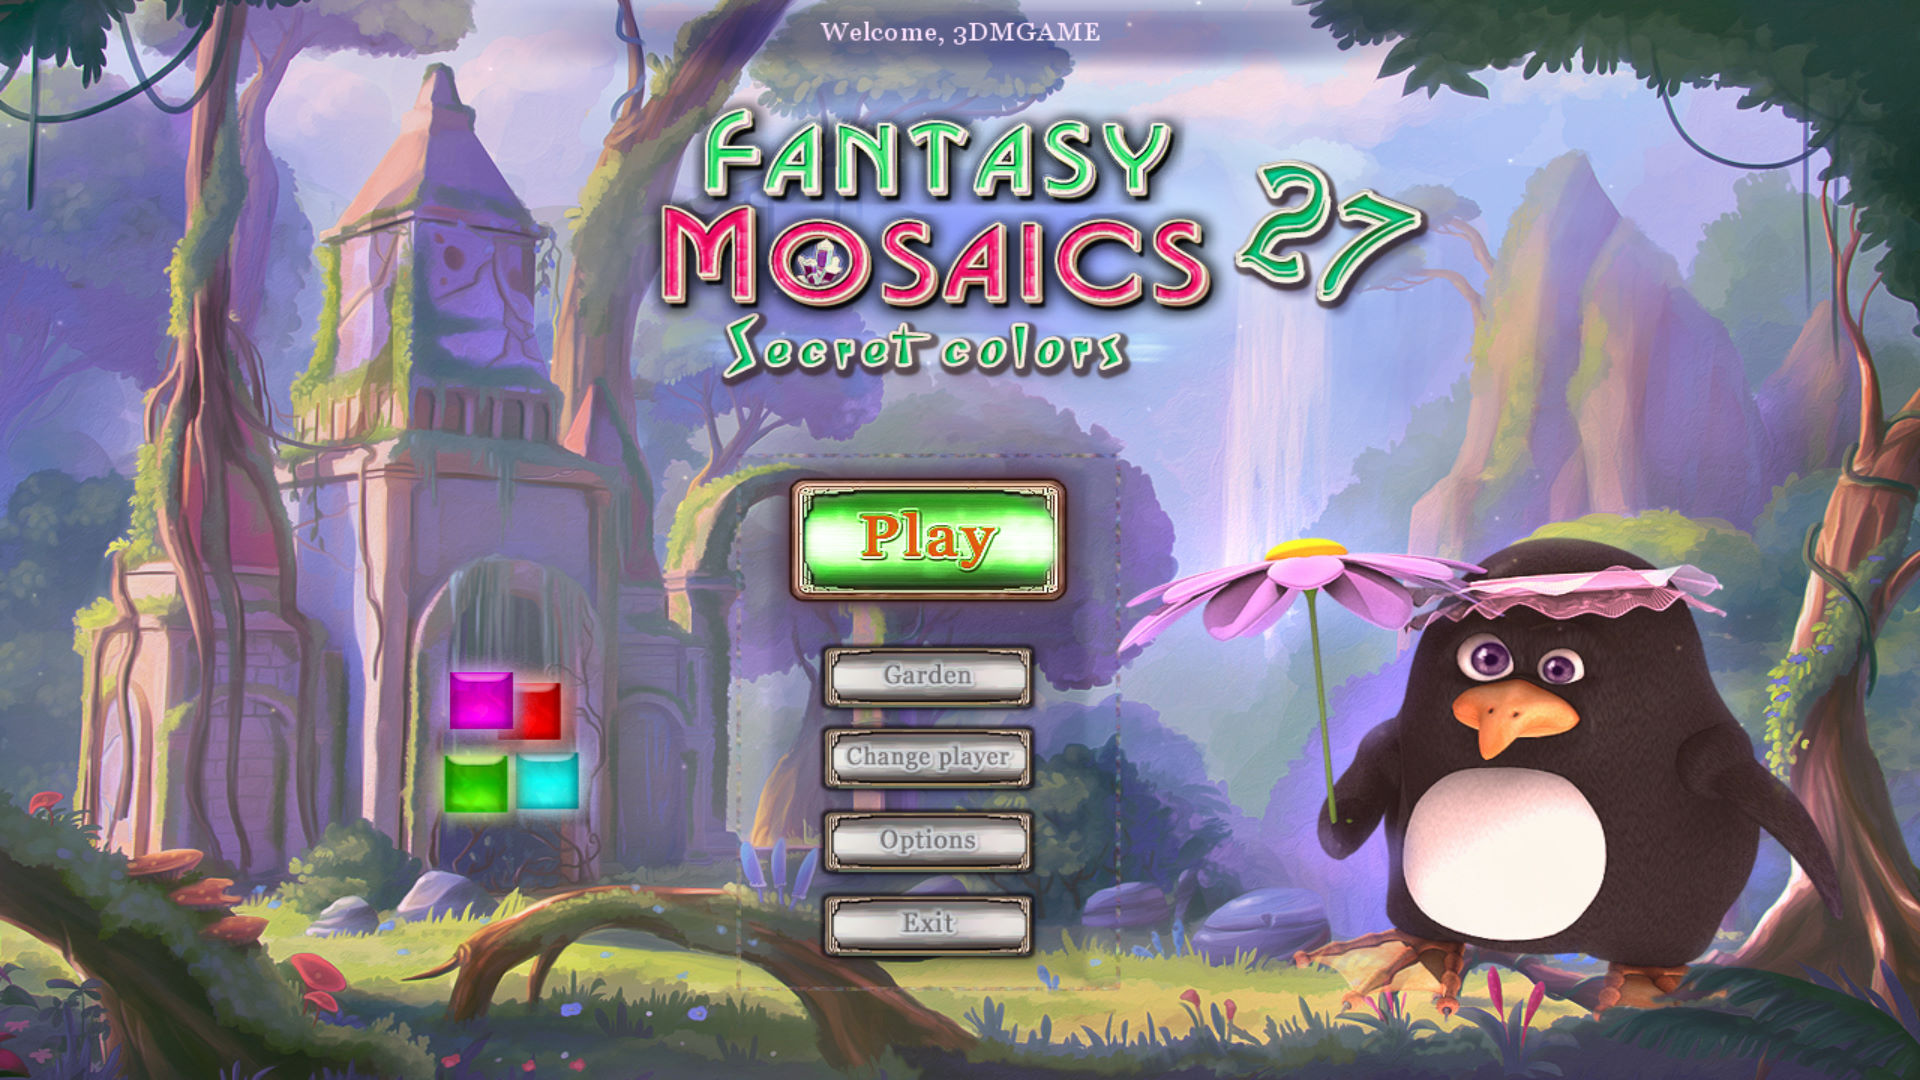 幻想马赛克27:秘密色彩 游戏截图